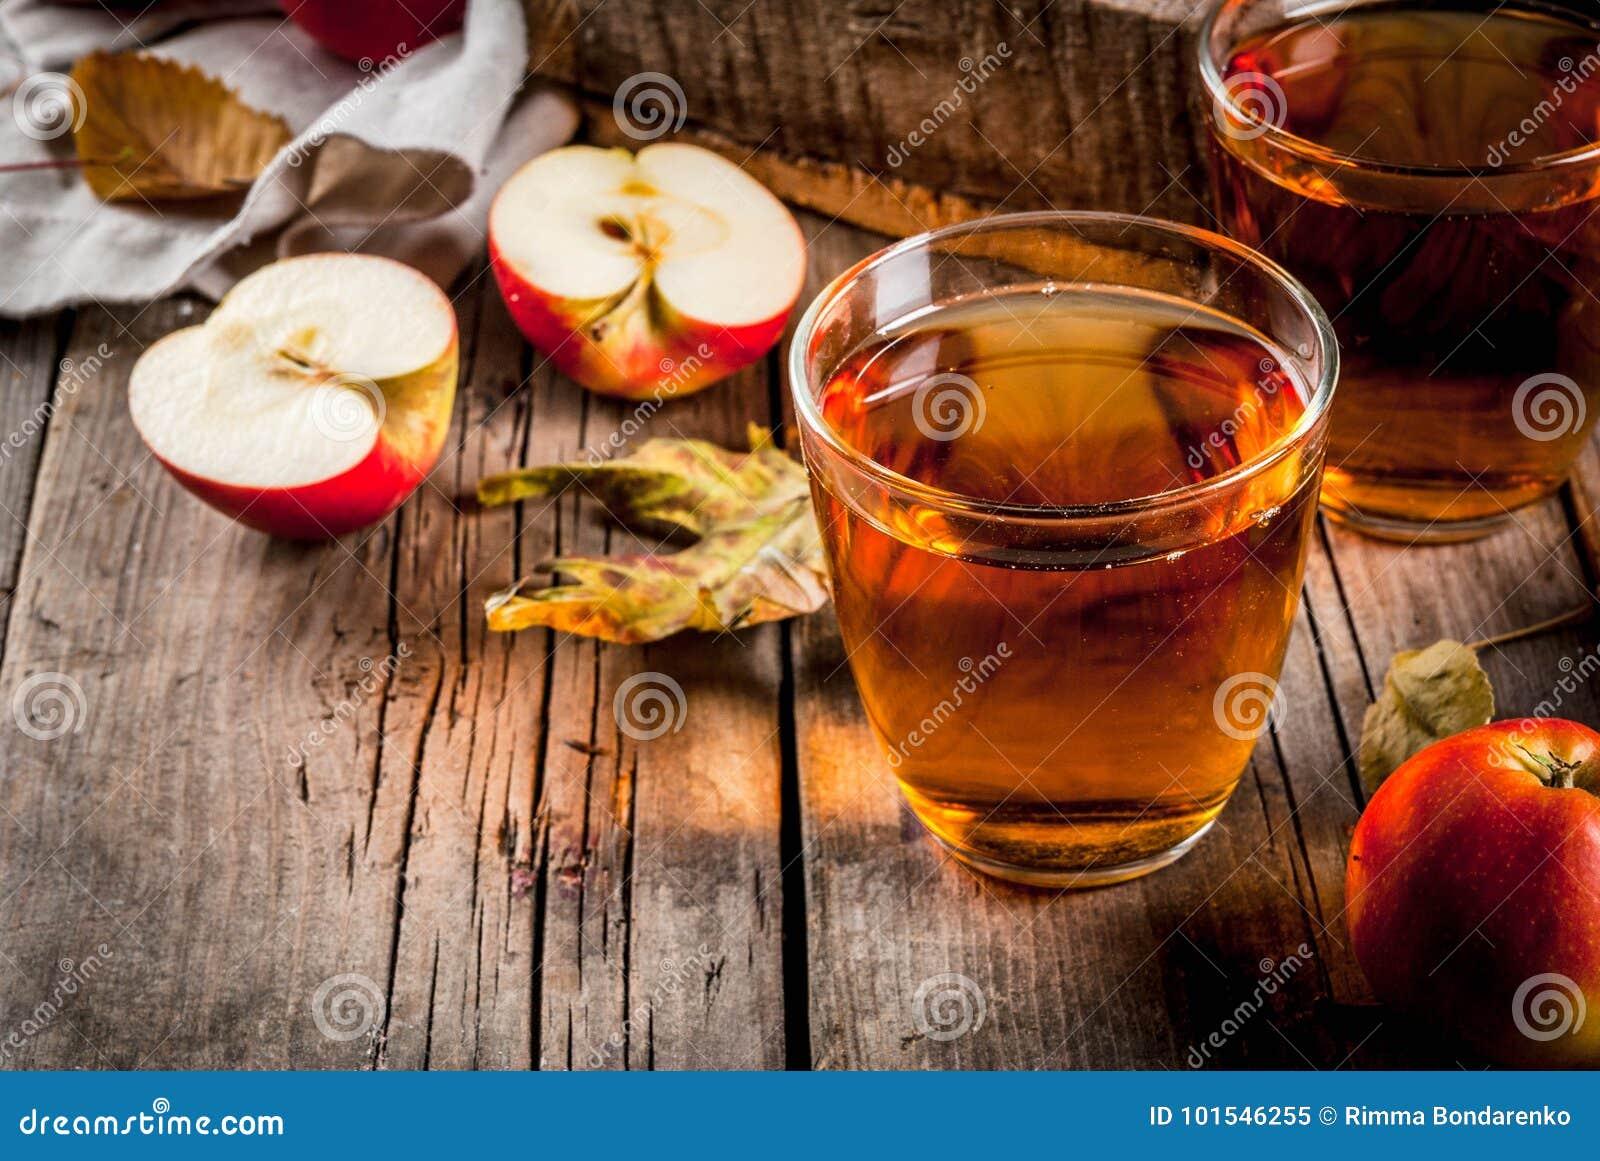 Jus de pomme organique frais